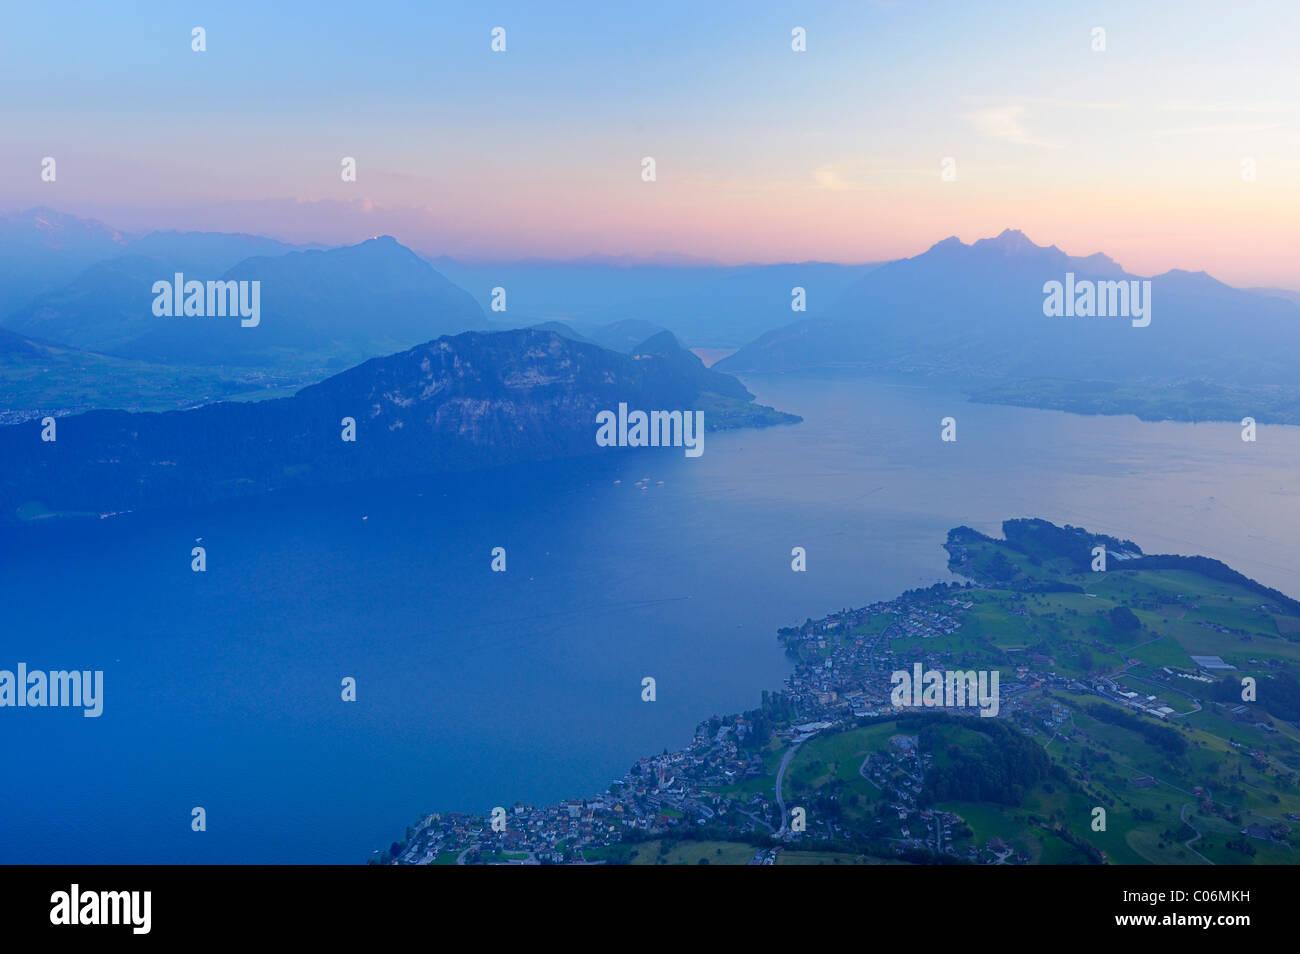 Vierwaldstättersee mit dem Dorf Weggis, in die Ferne, Pilatus Berg, Luzern, Schweiz, Europa Stockbild